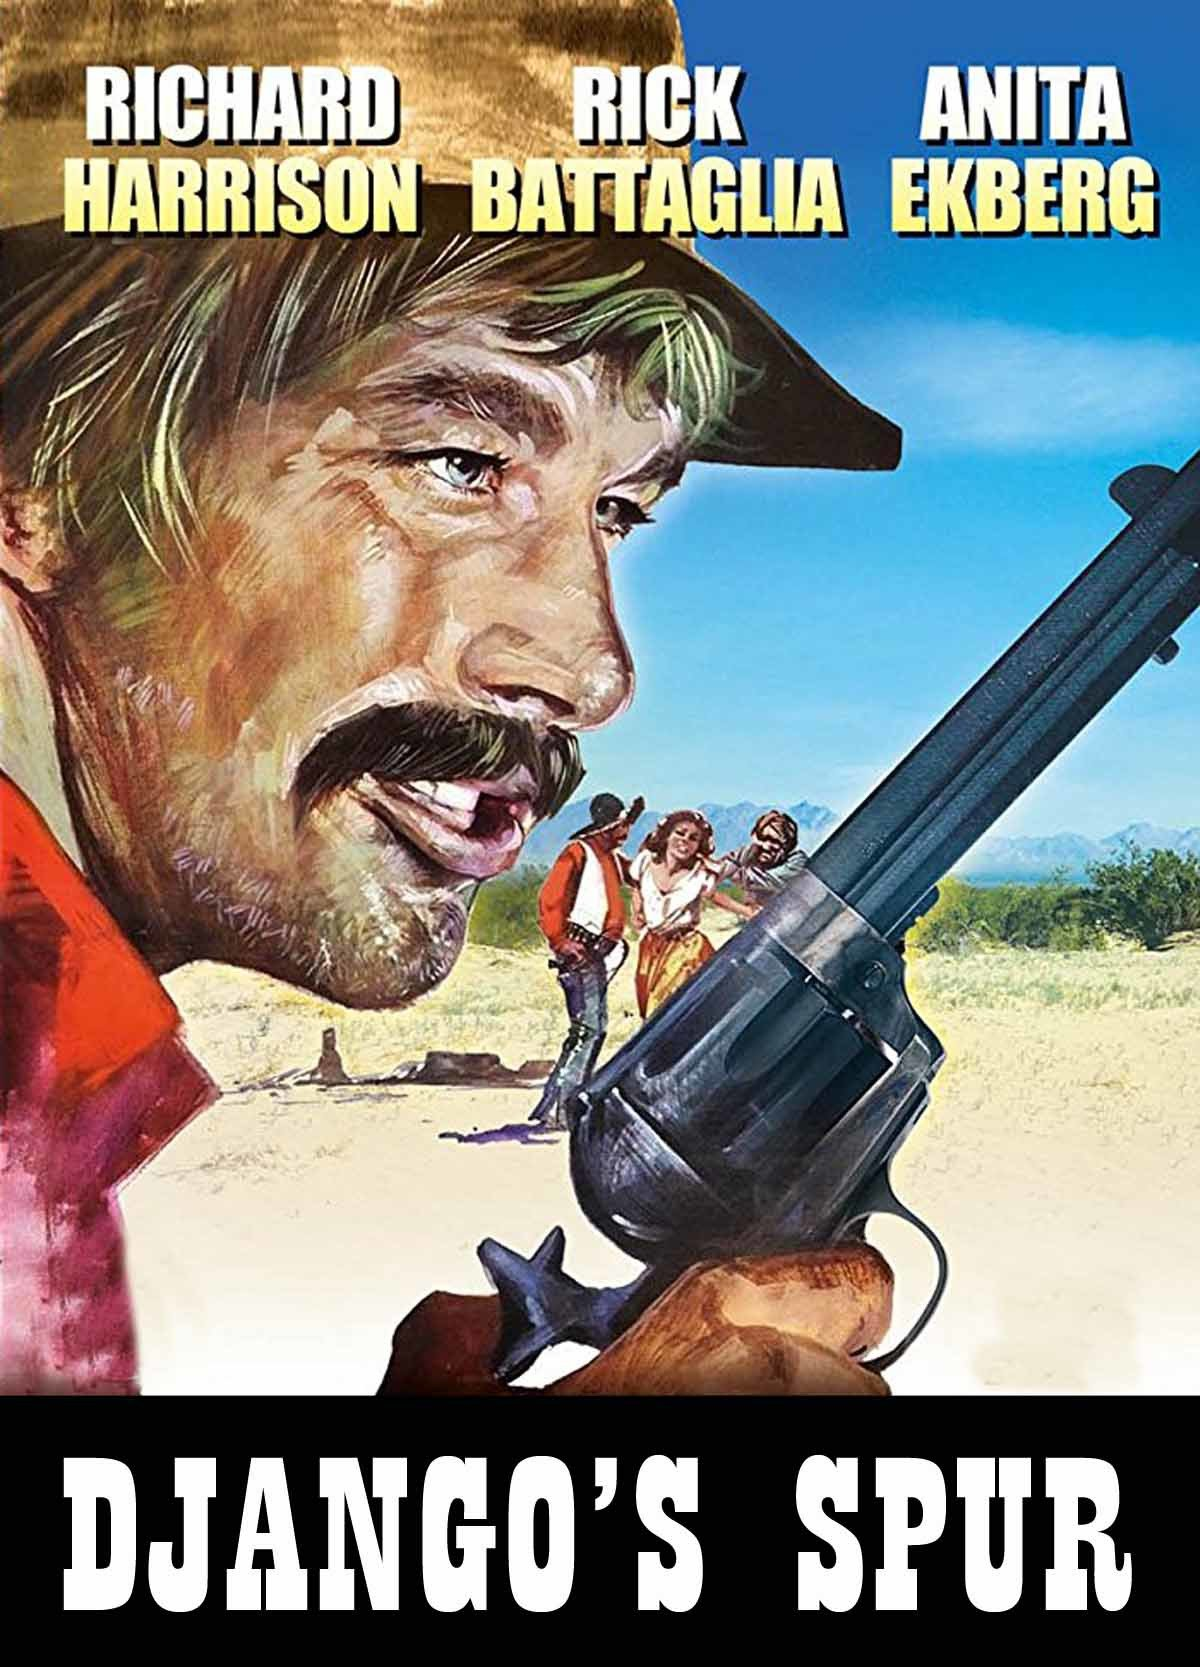 Django's Spur